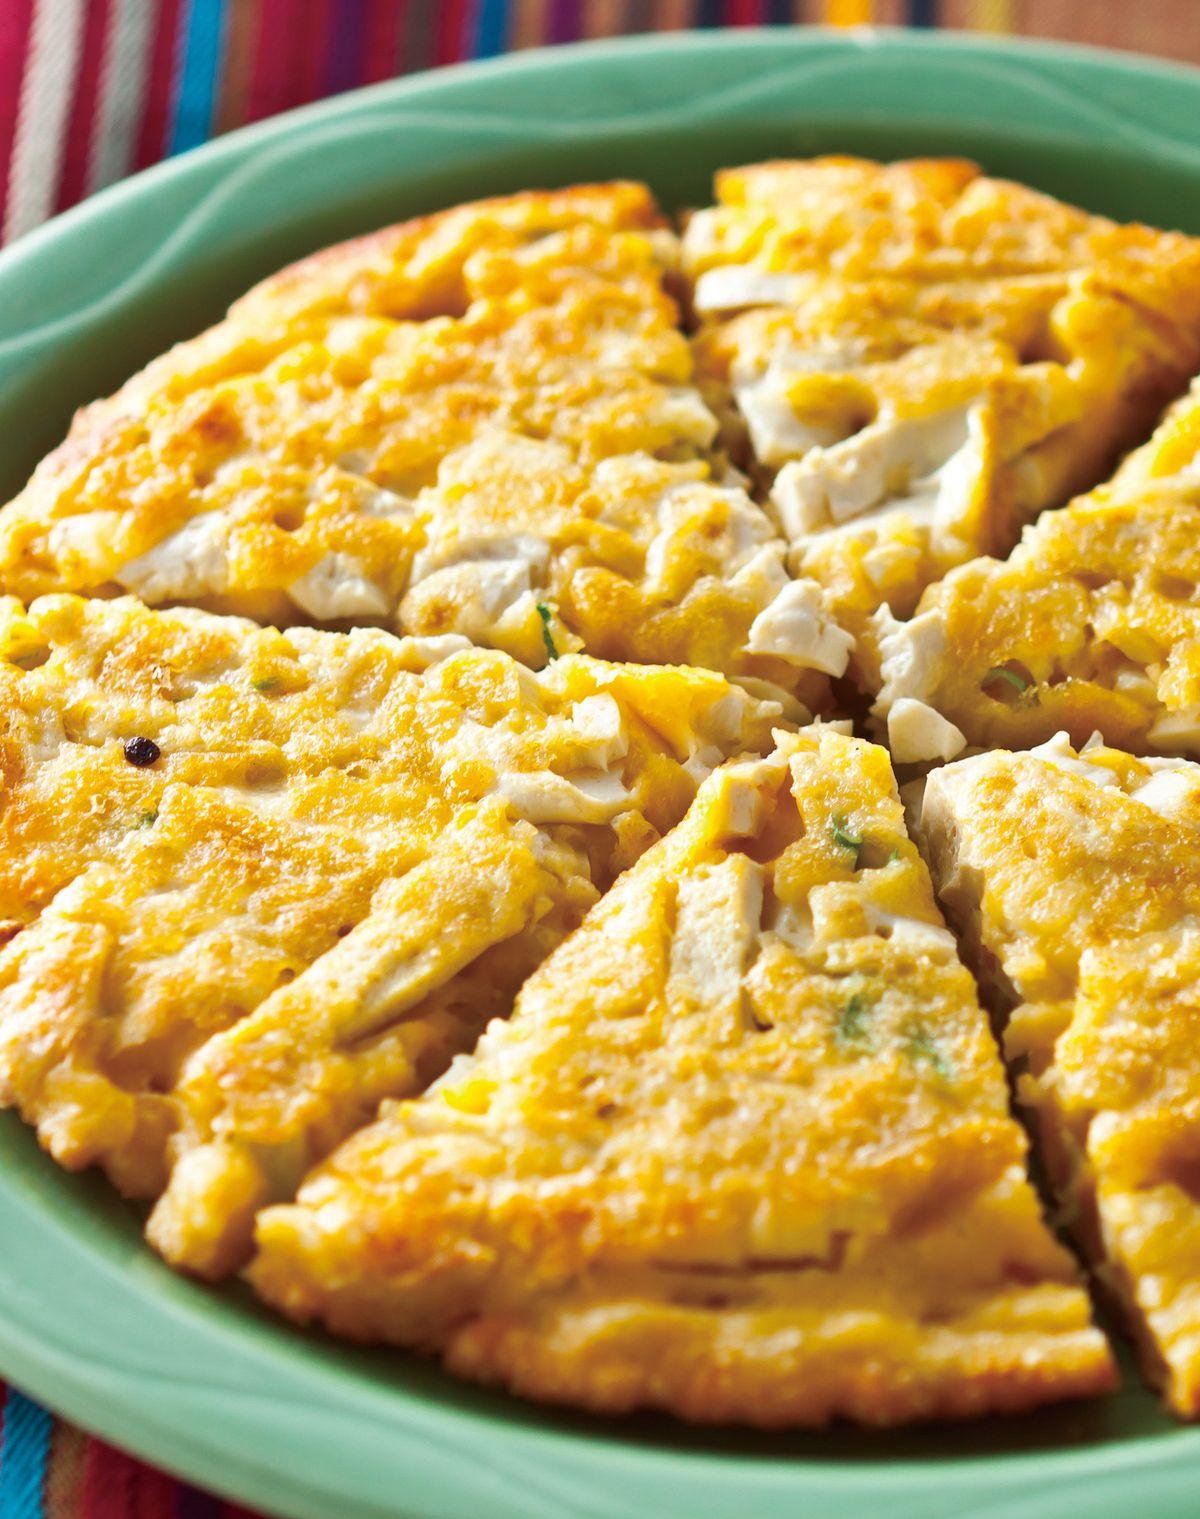 食譜:豆腐金沙煎餅